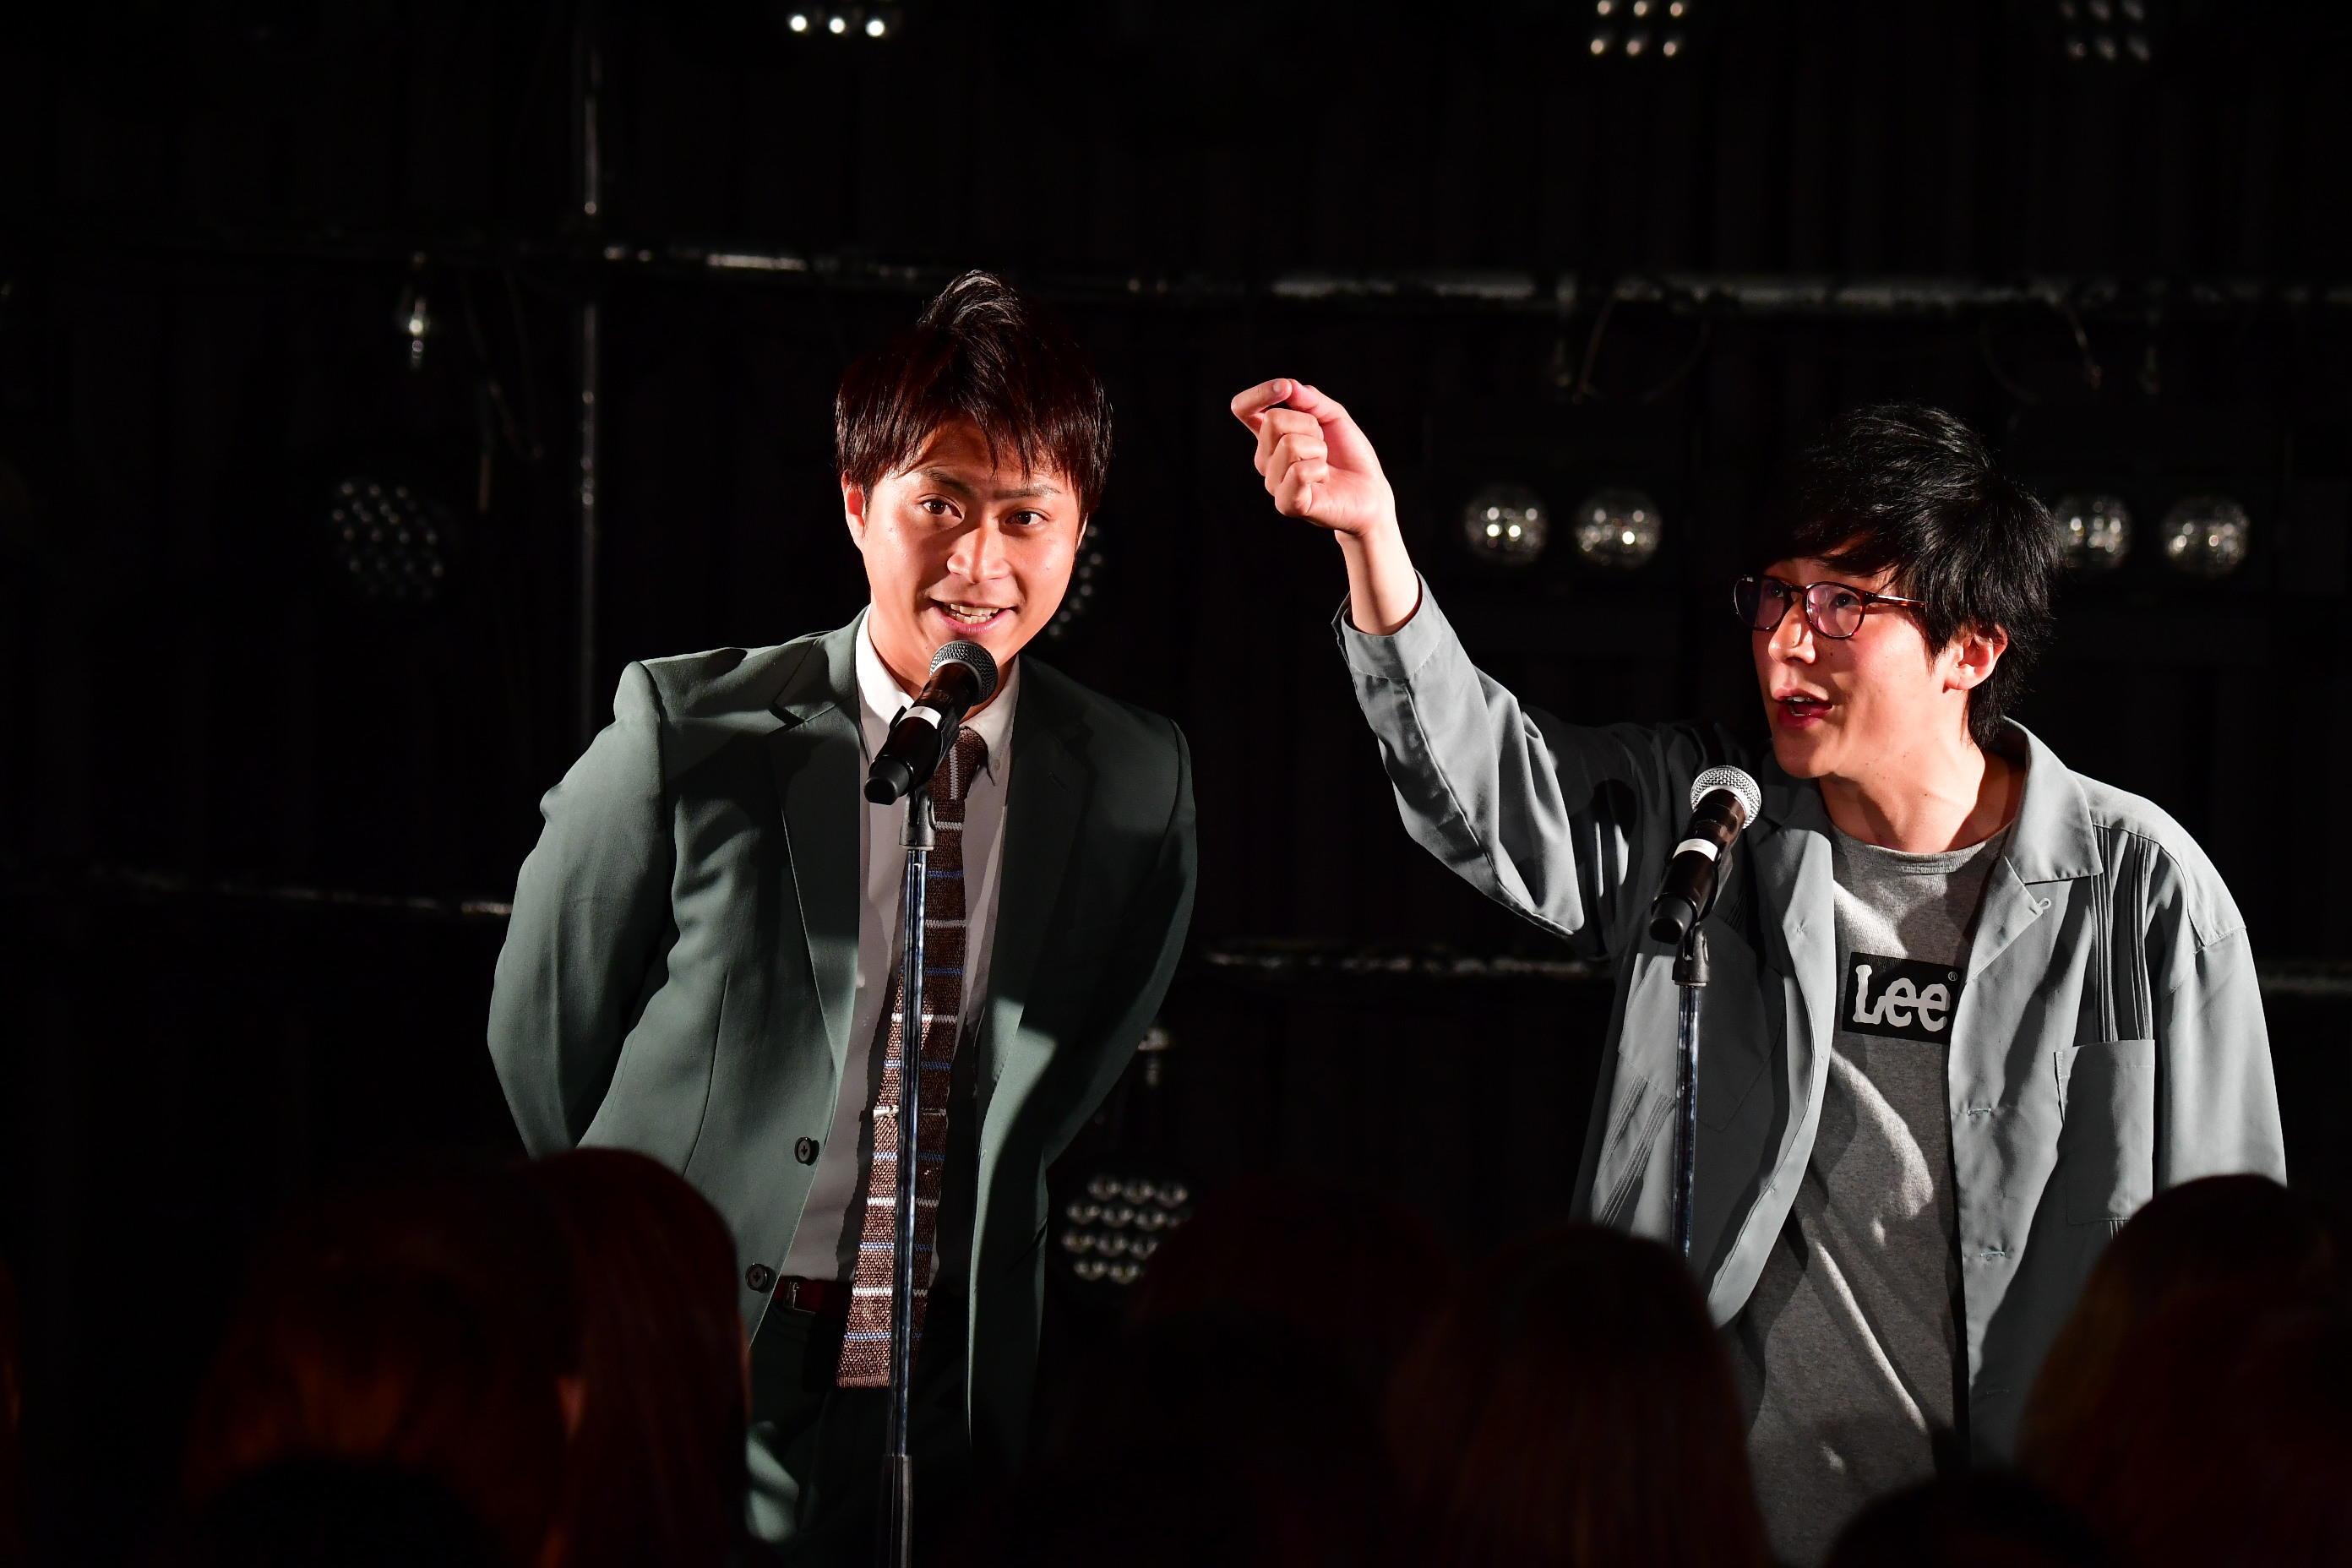 http://news.yoshimoto.co.jp/20180430220119-333f814be62e0aabb398acf61fa72affd756b8cd.jpg